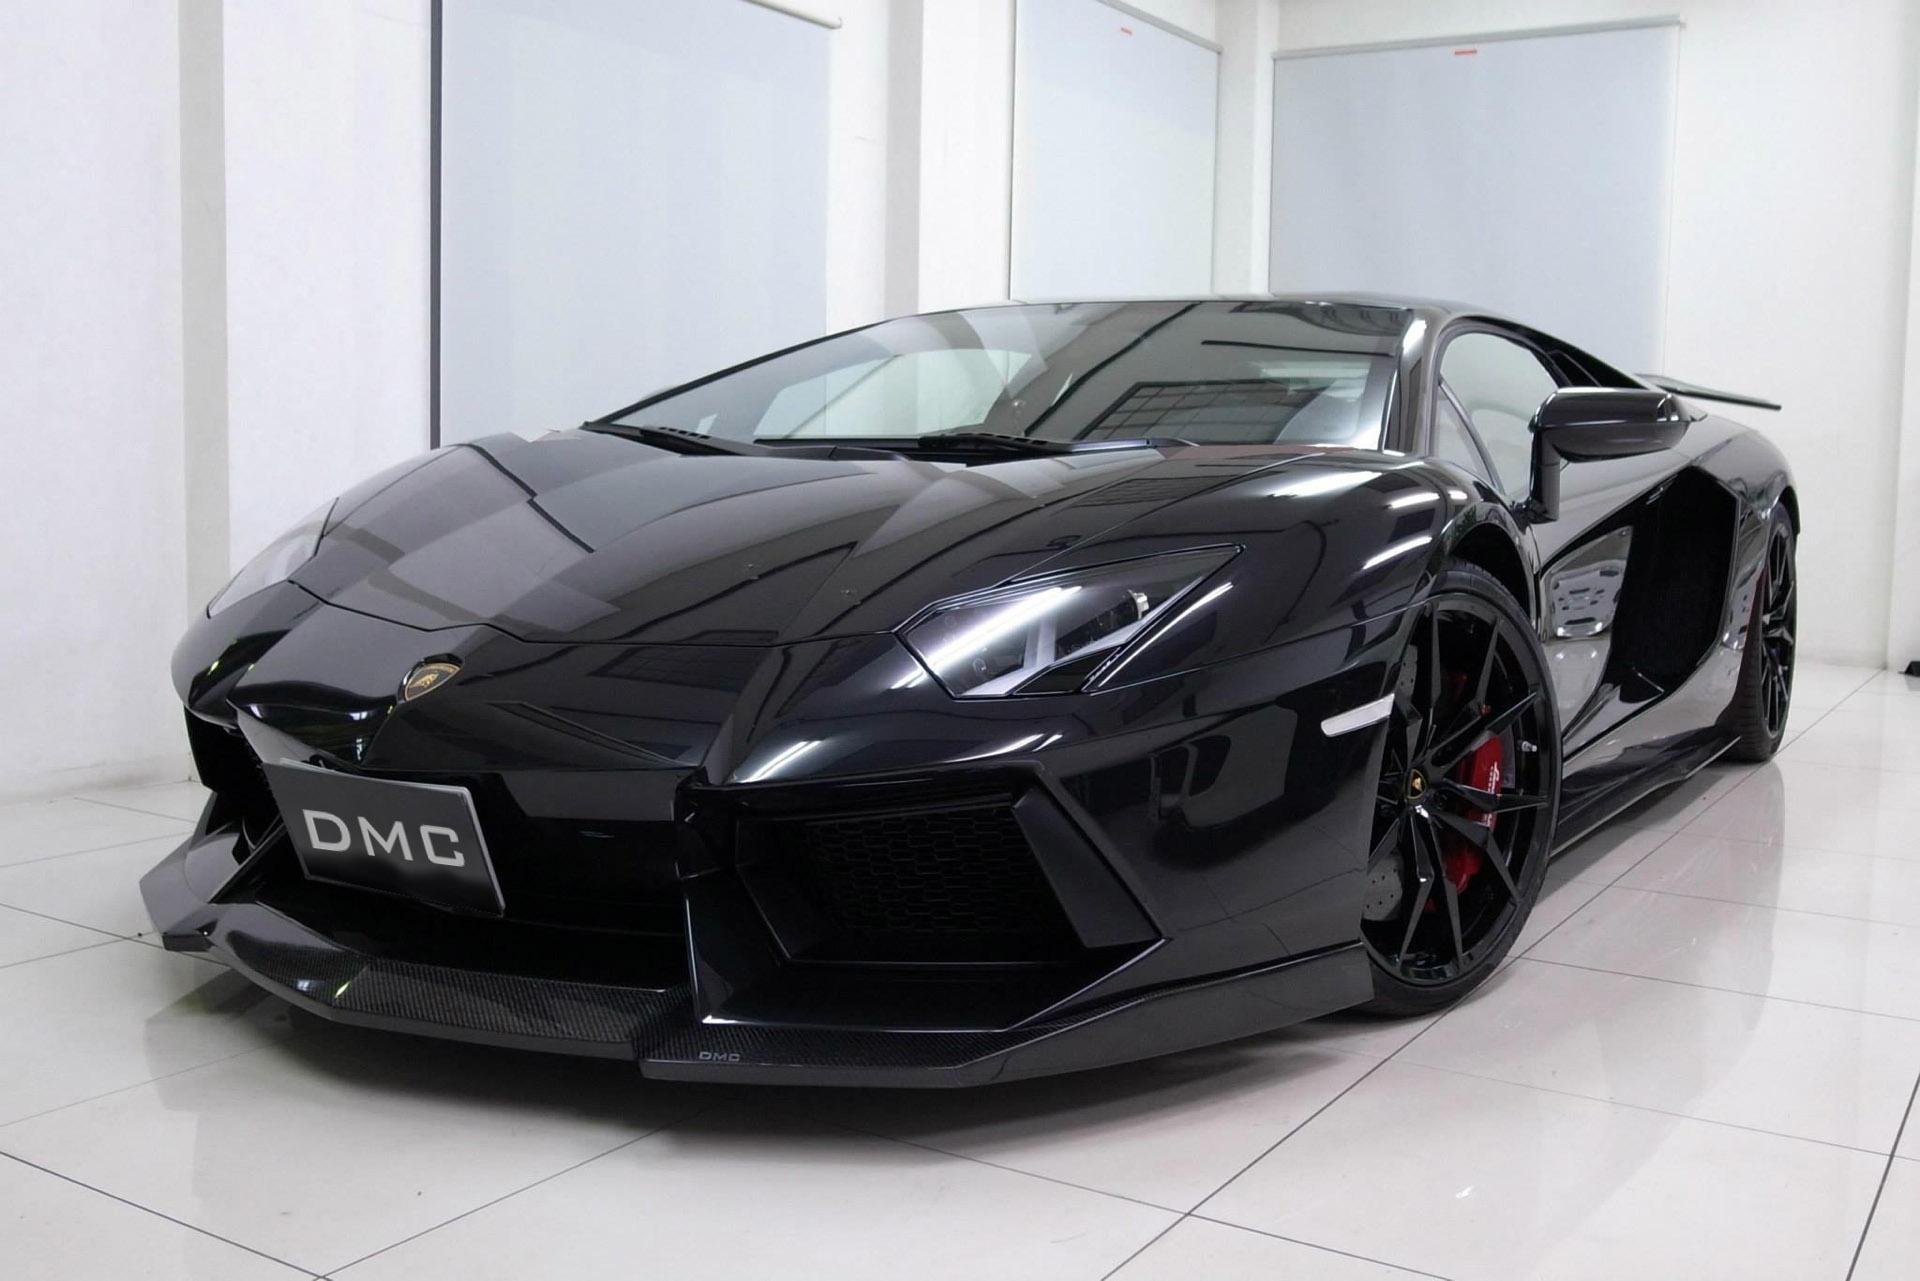 Dmc Lamborghini Aventador Lp700 Built By Autoproject D